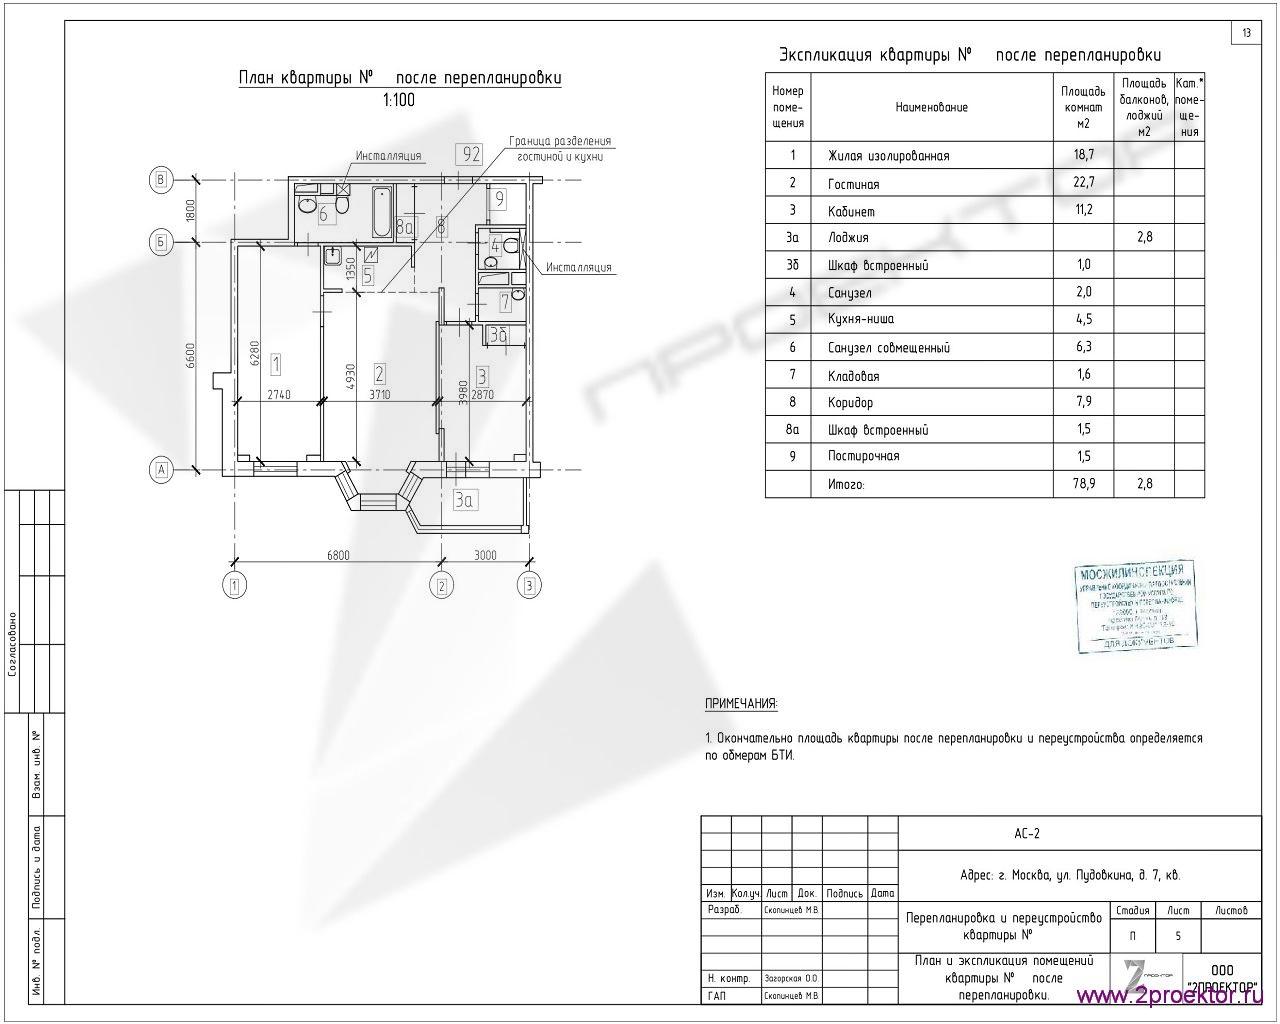 Вариант планировки квартиры в Жилом комплексе Обыкновенное чудо, разработанный специалистами ООО «2Проектор» и согласованный Мосжилинспекцией.